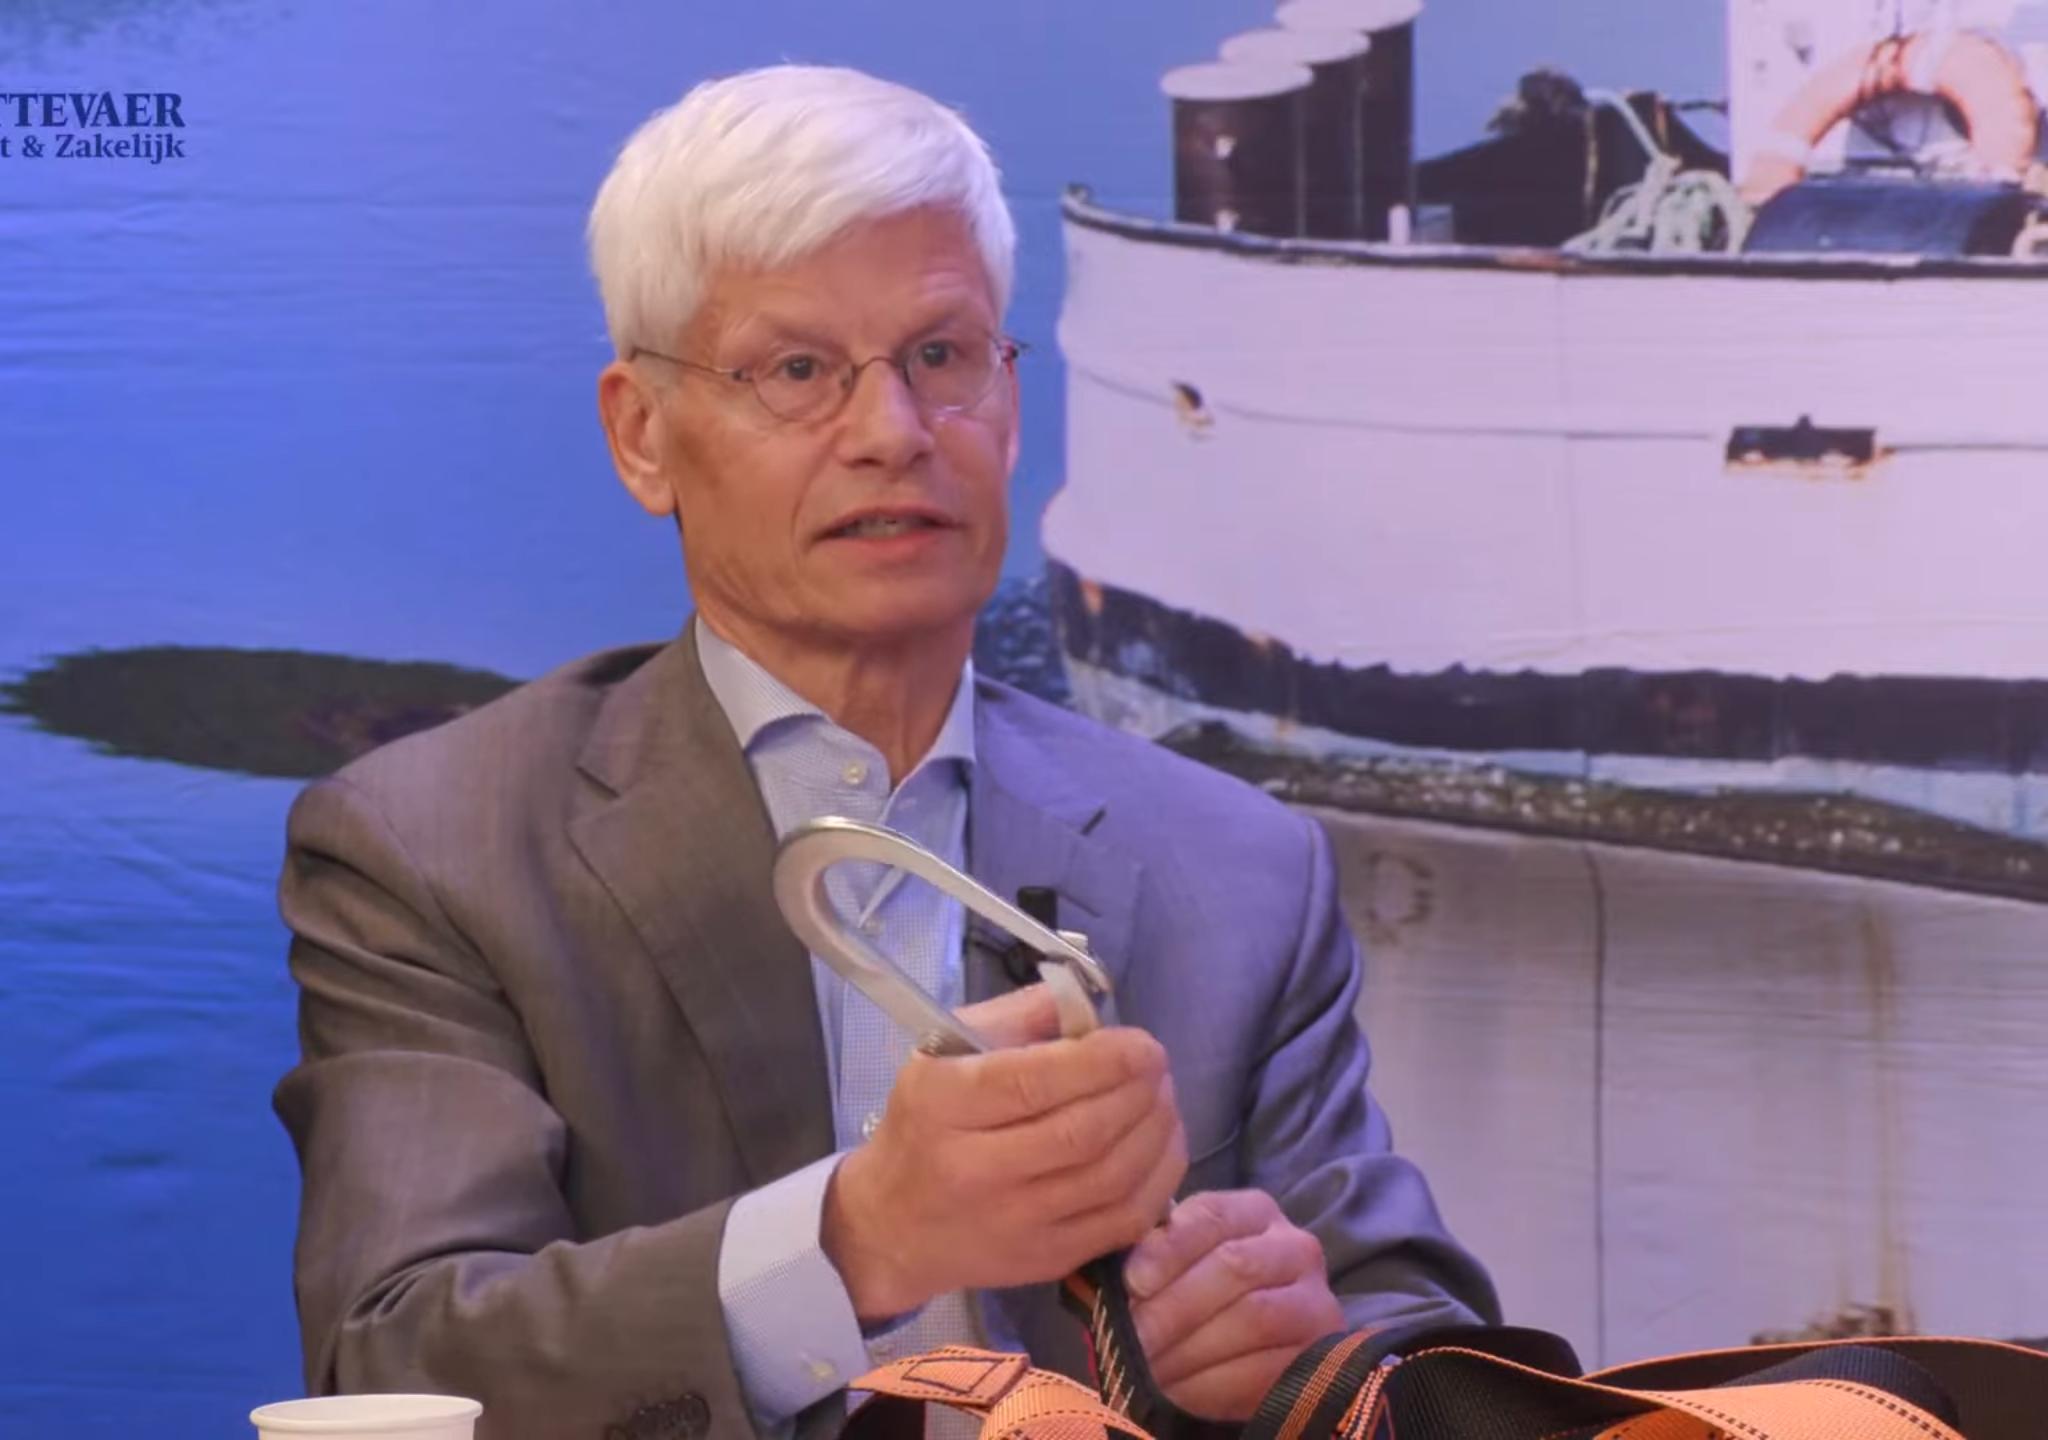 Marius van Dam laat het harnas zien dat wordt gedragen door het personeel van Van de Graaf & Meeusen. (Beeld uit video)